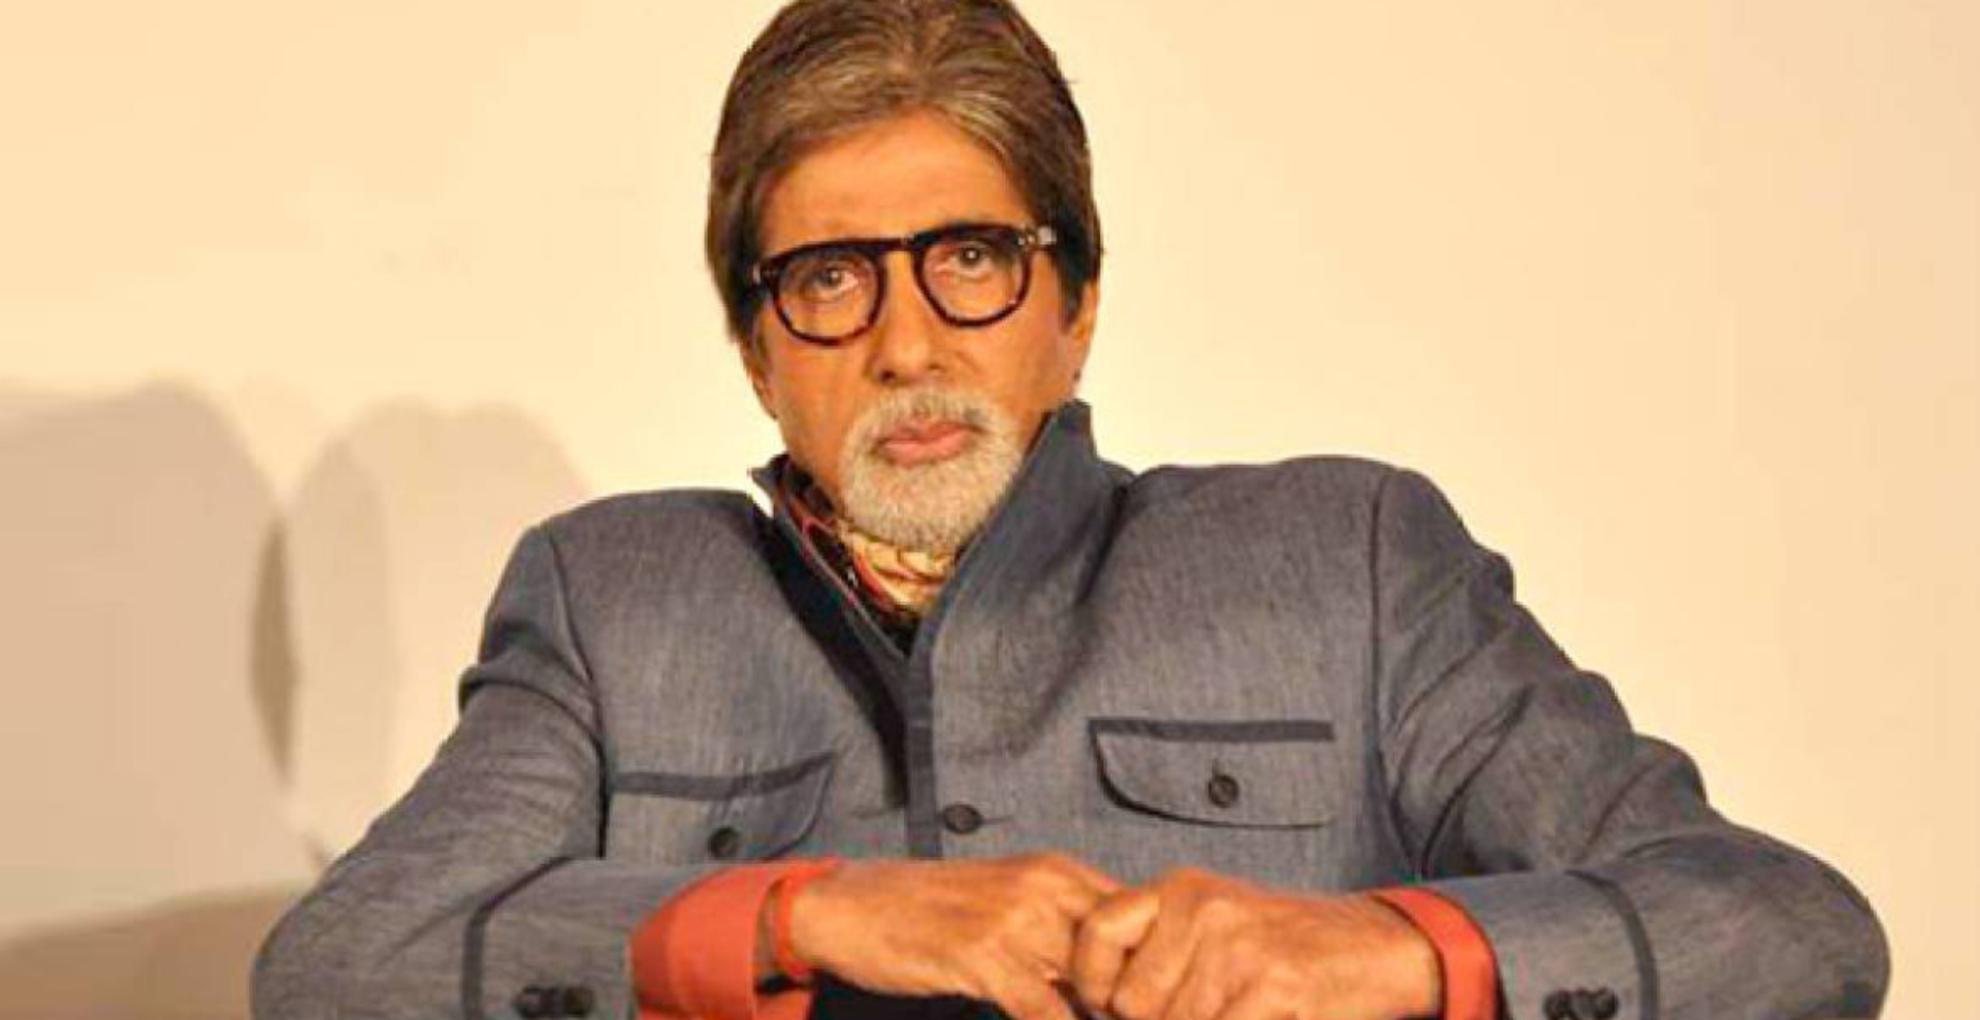 ऐश्वर्या राय के कारण अमिताभ बच्चन इस फिल्म में अपने रोल को लेकर नहीं थे खुश, बिग बी ने खुद कबूली ये बात